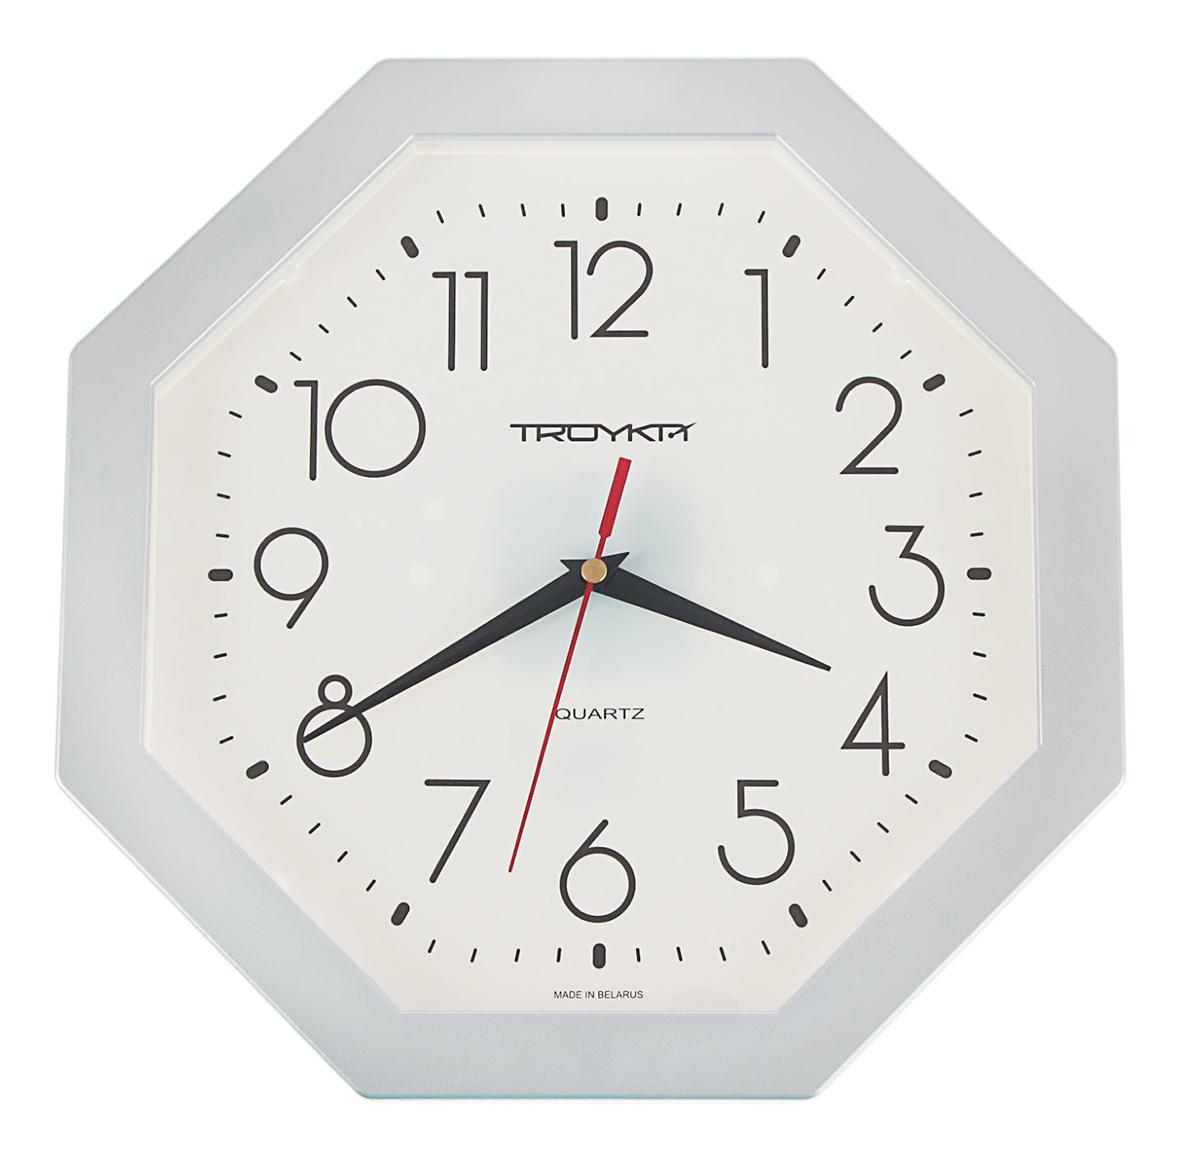 Часы настенные Тройка Серебряная классика1180157Каждому хозяину периодически приходит мысль обновить свою квартиру, сделать ремонт, перестановку или кардинально поменять внешний вид каждой комнаты. Часы настенные Восемь граней, серебристые — привлекательная деталь, которая поможет воплотить вашу интерьерную идею, создать неповторимую атмосферу в вашем доме. Окружите себя приятными мелочами, пусть они радуют глаз и дарят гармонию. Часы настенные Восемь граней, серебристые — сувенир в полном смысле этого слова. И главная его задача — хранить воспоминание о месте, где вы побывали, или о том человеке, который подарил данный предмет. Преподнесите эту вещь своему другу, и она станет достойным украшением его дома.Часы настенные восьмигранные Серебряная классика, серебристое кольцо 1180157